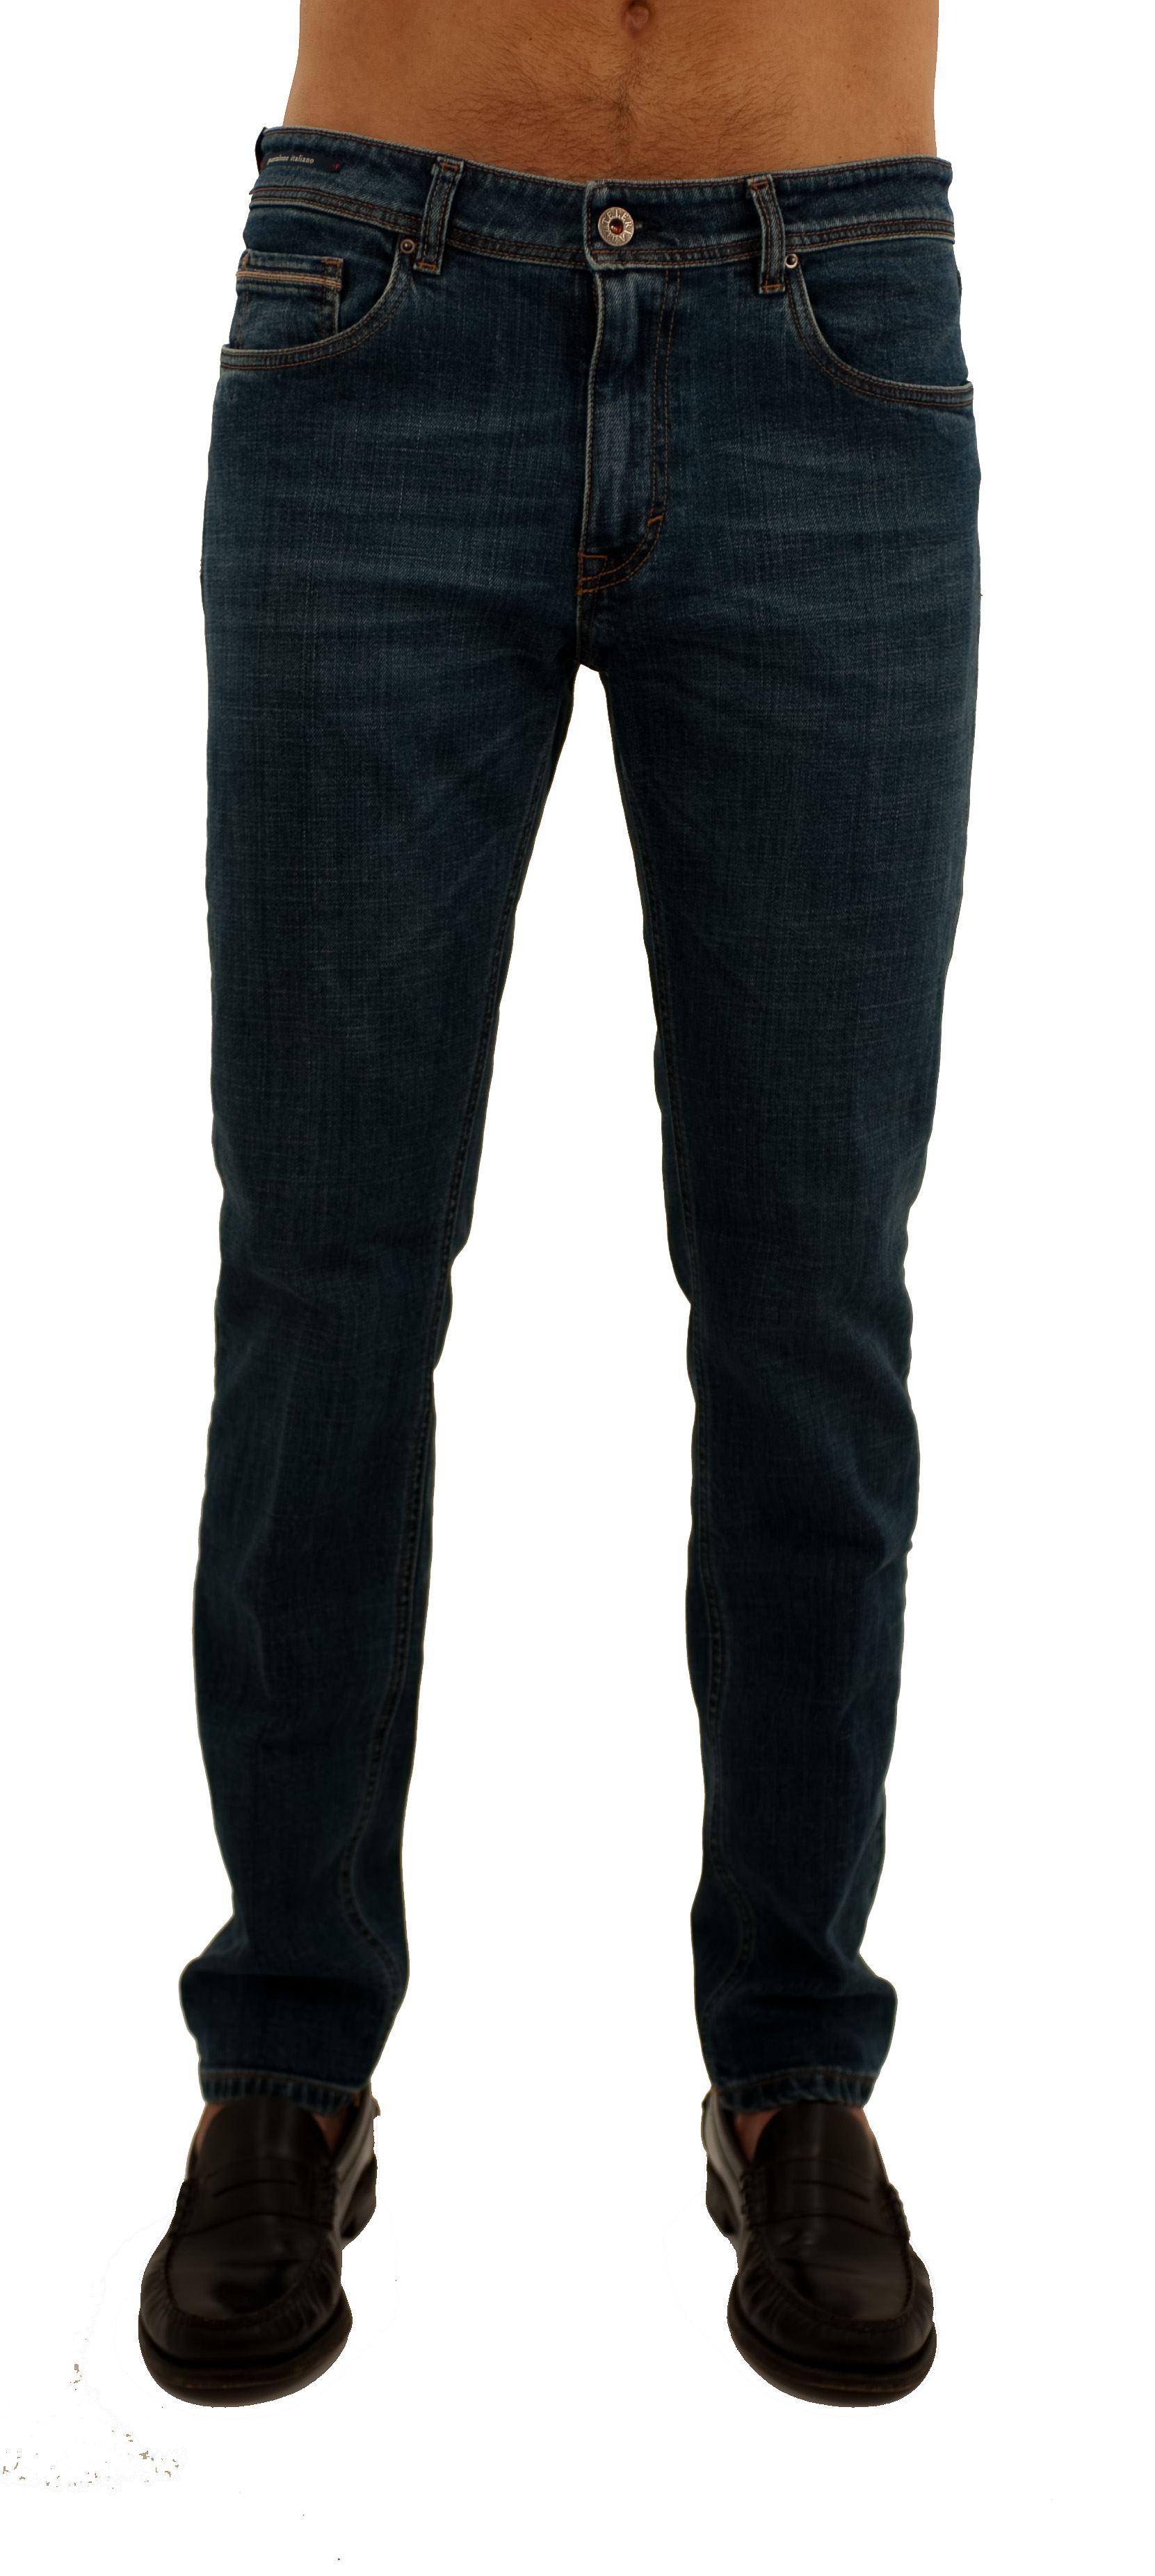 Immagine di Jeans denim 5 tasche